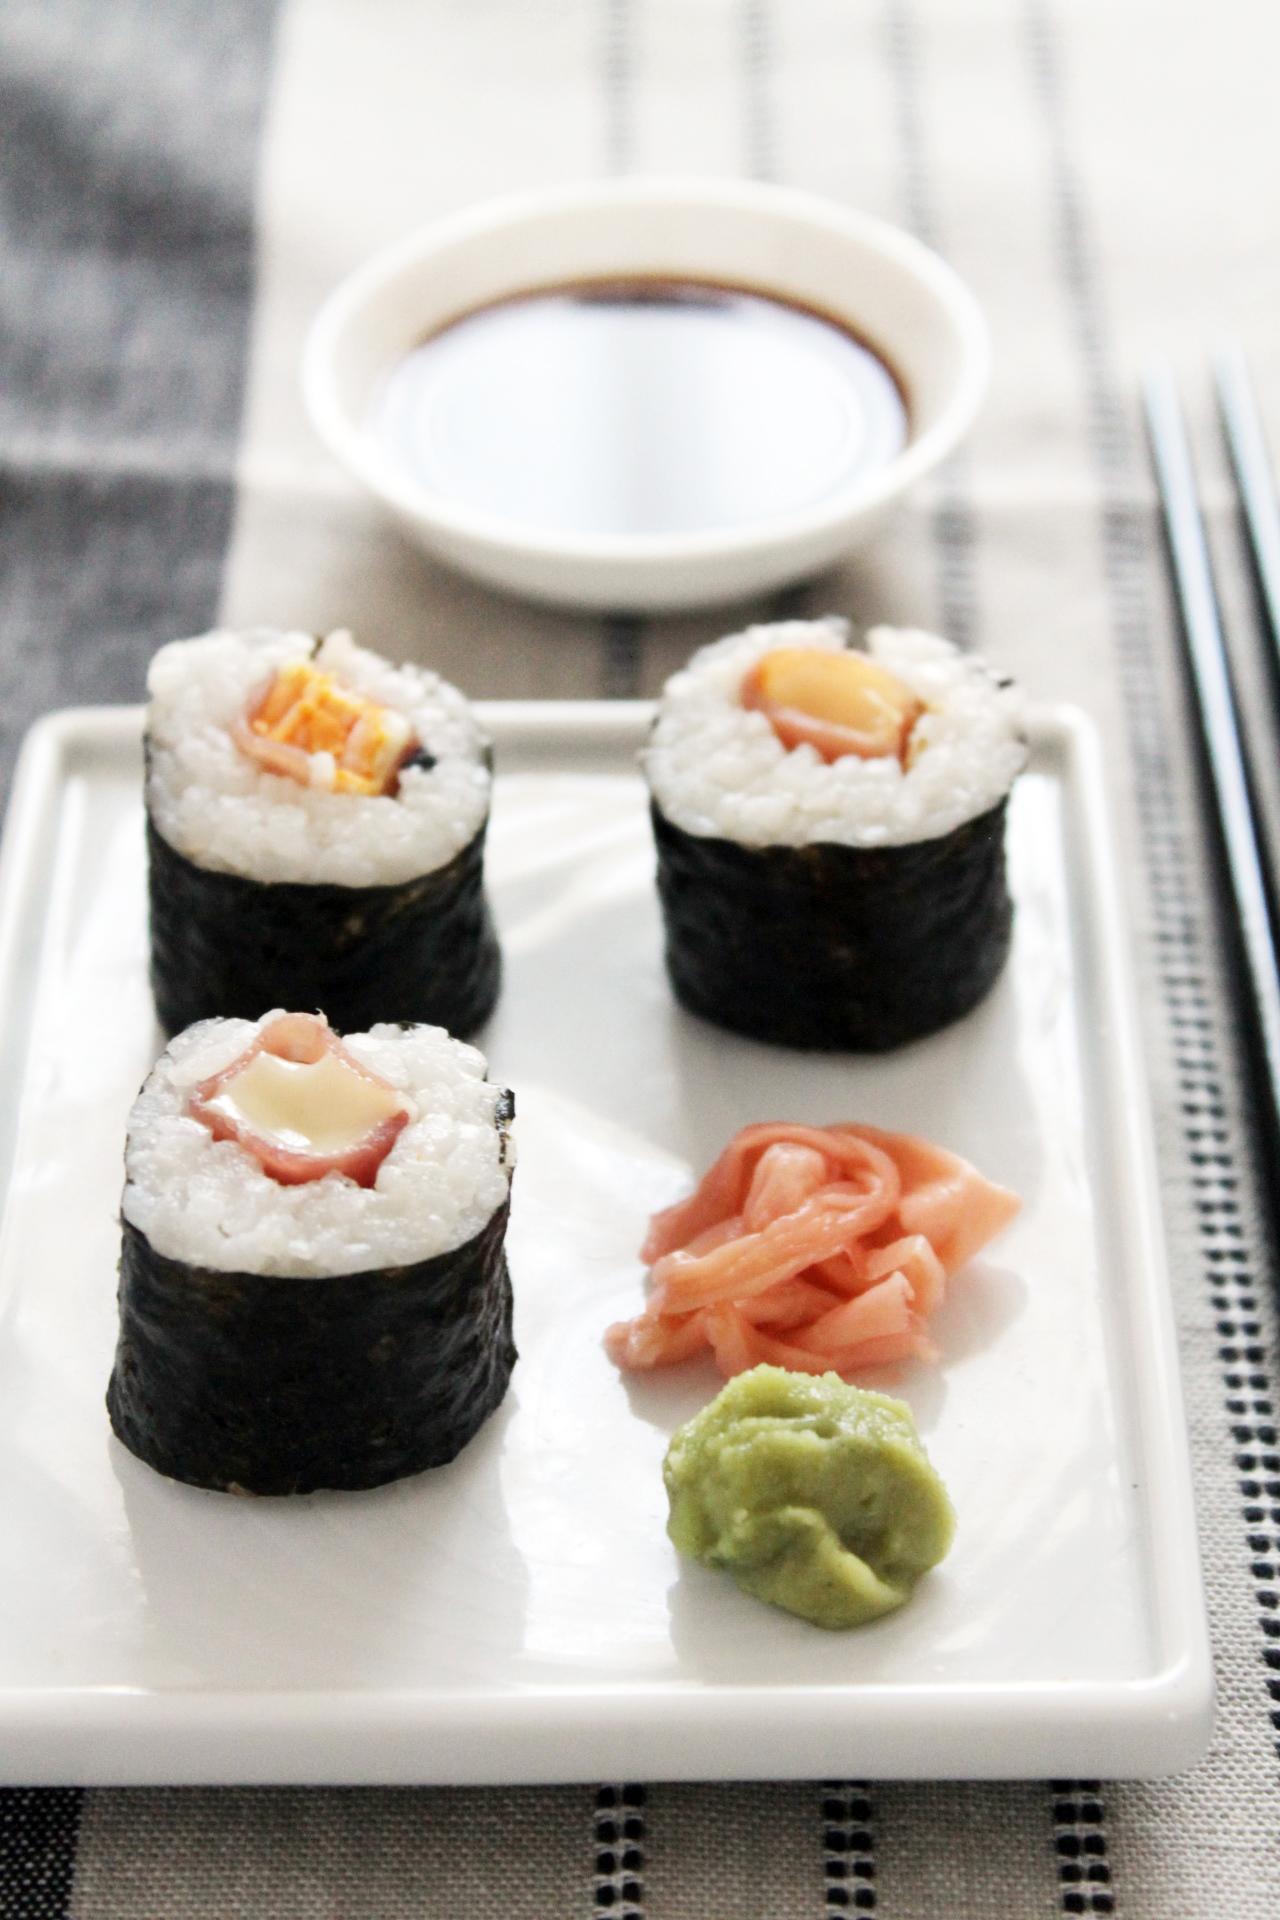 プチブリーと生ハムの巻き寿司